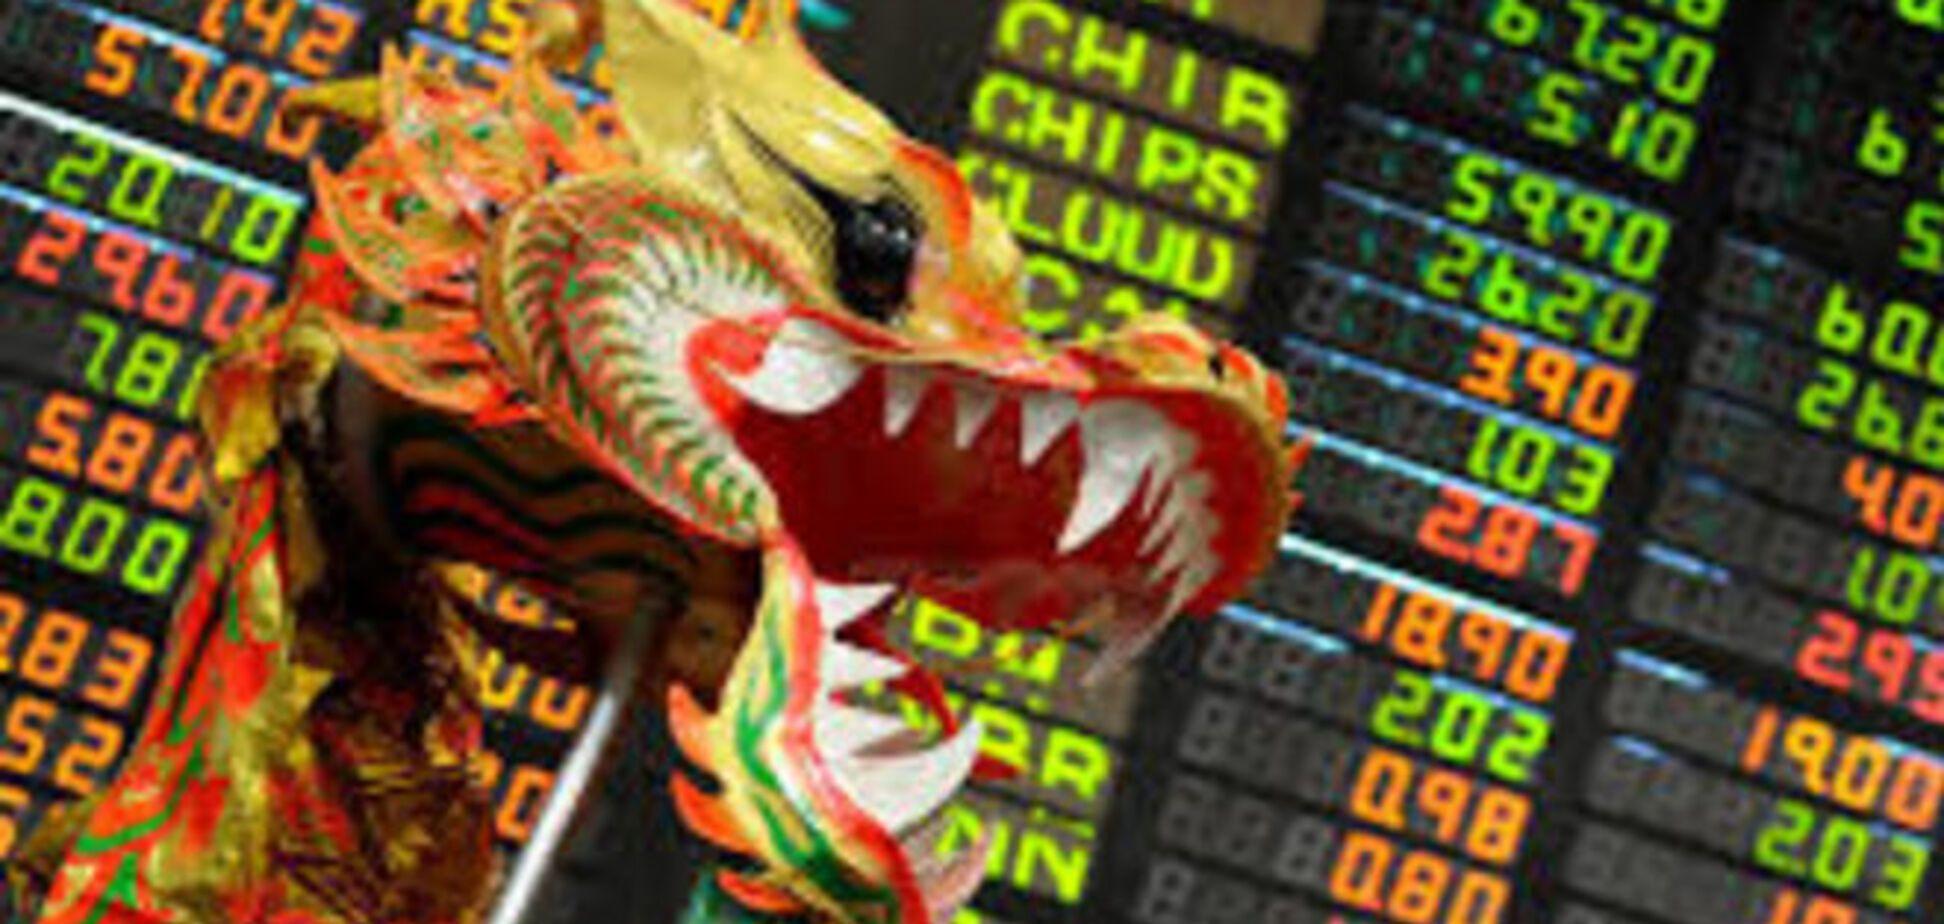 Владі Китаю довелося влити у фондовий ринок 3 трлн юанів